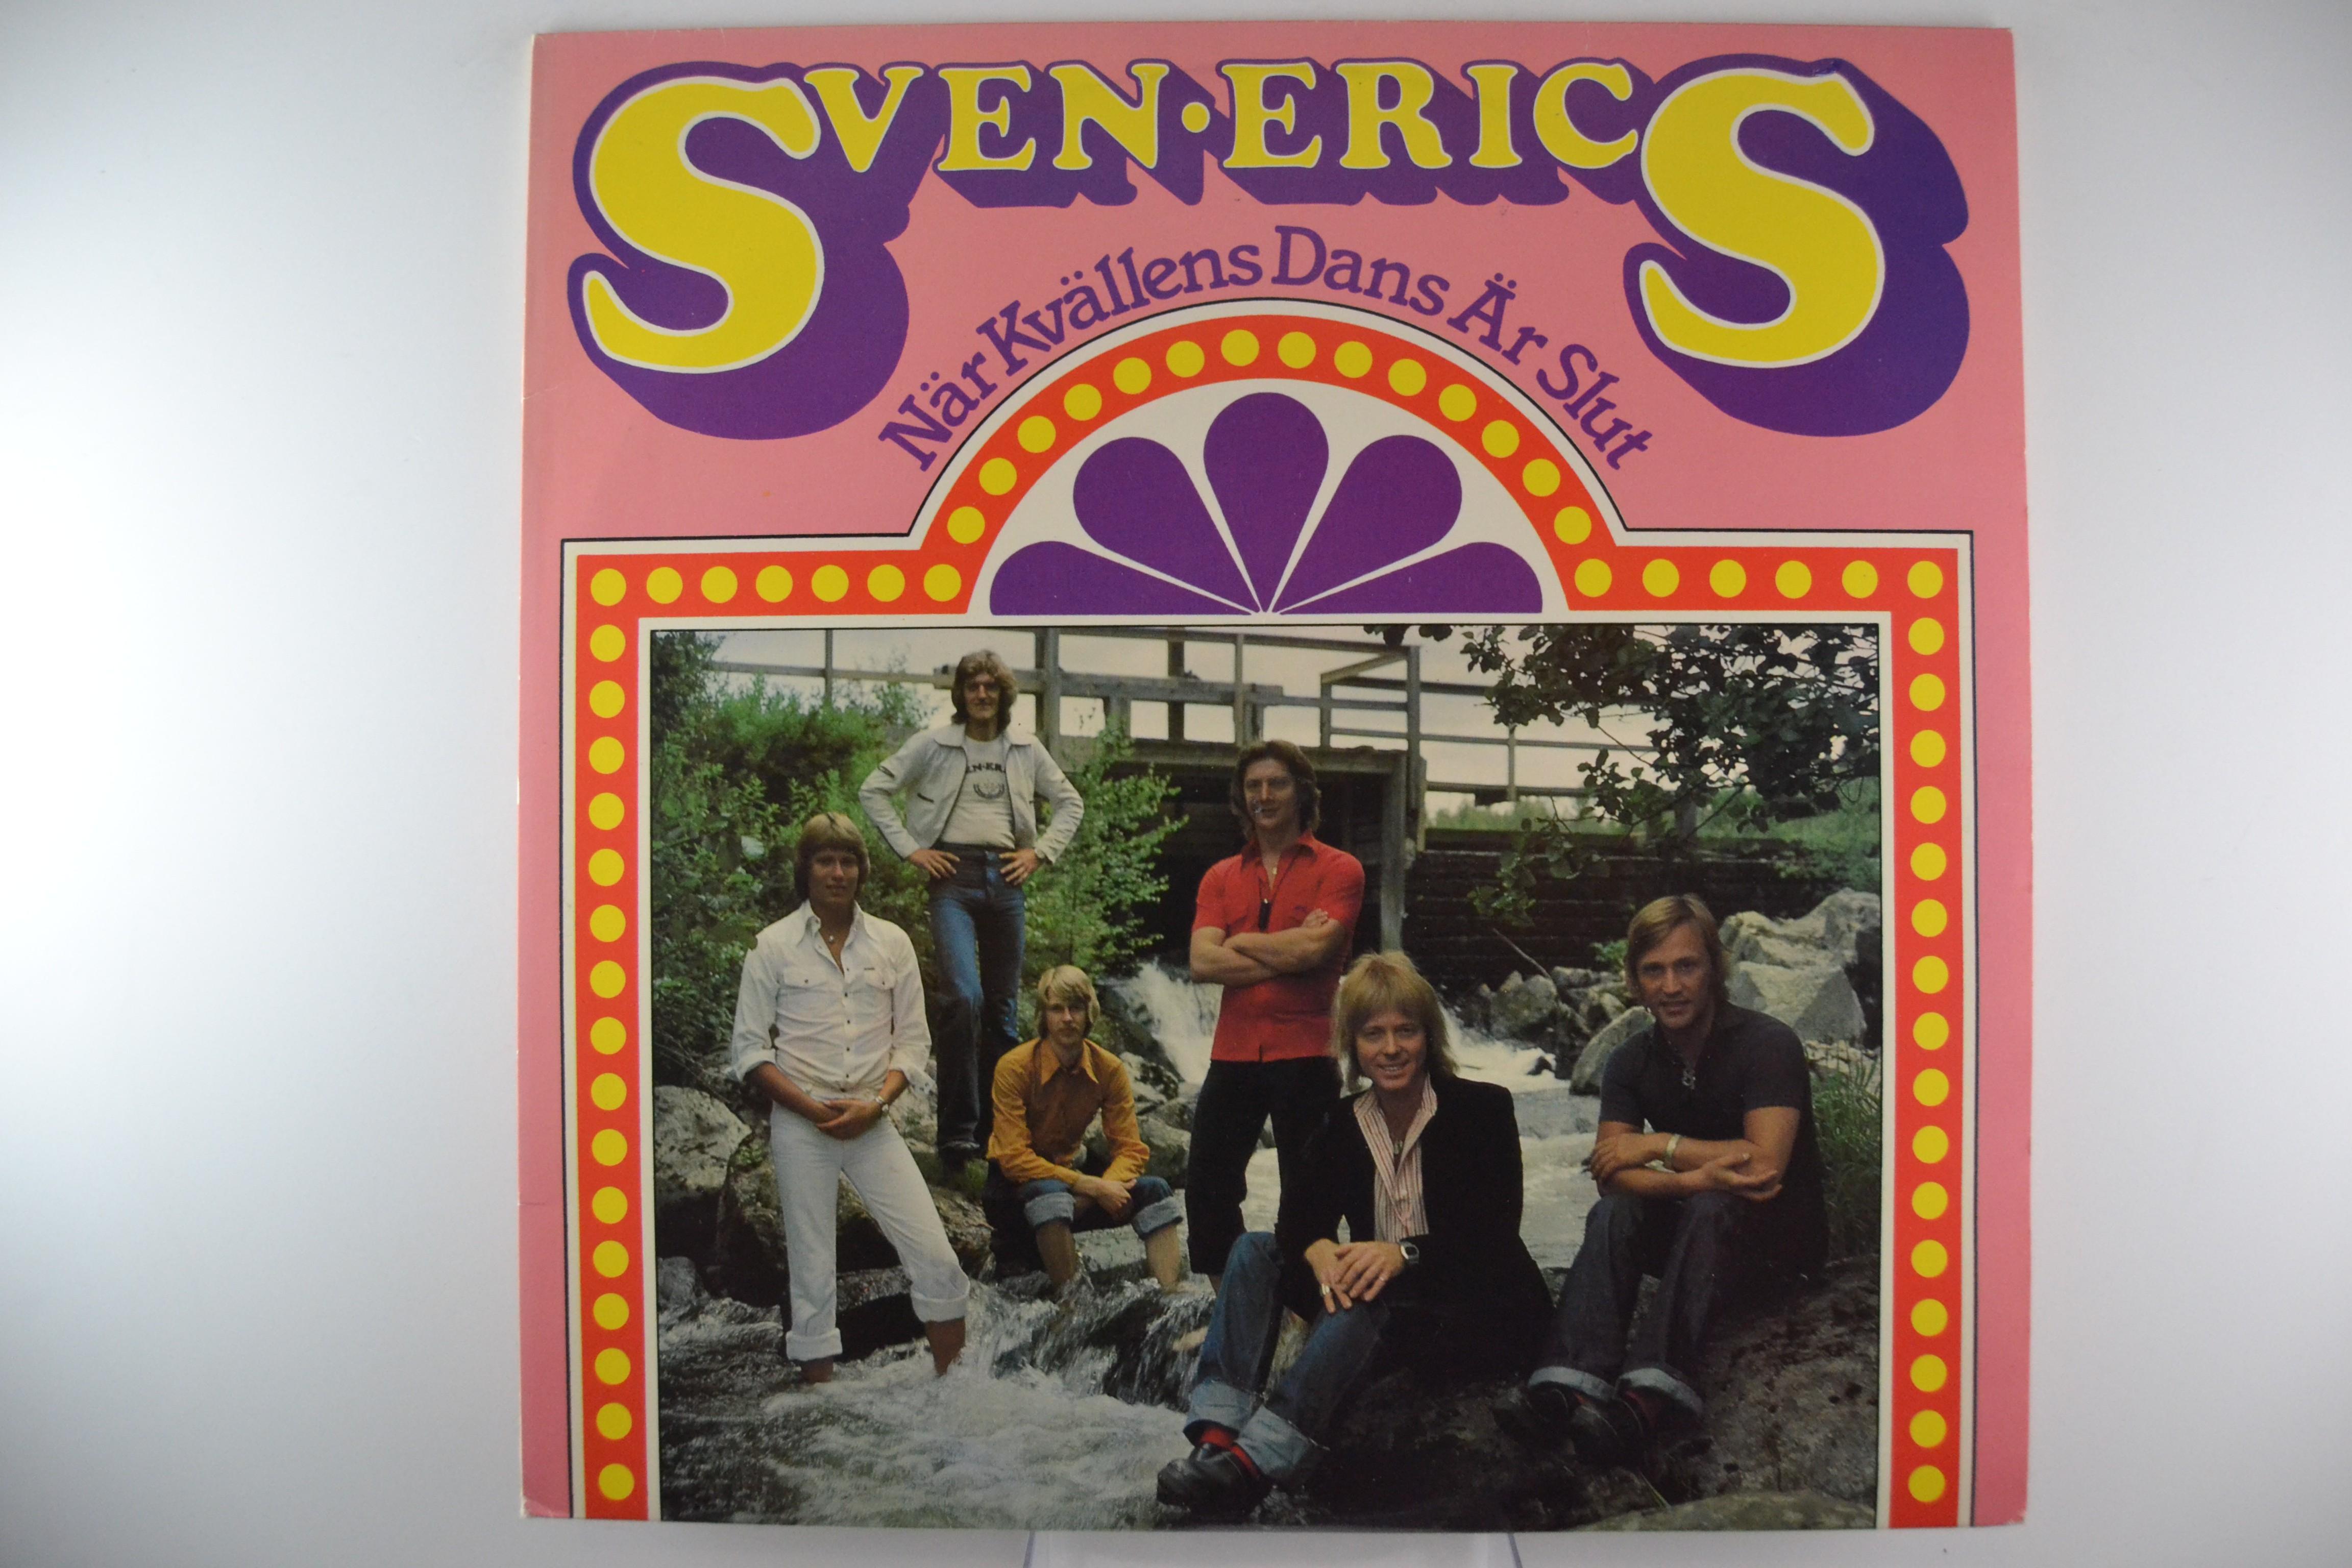 """SVEN-ERICS : """"När kvällens dans är slut"""""""